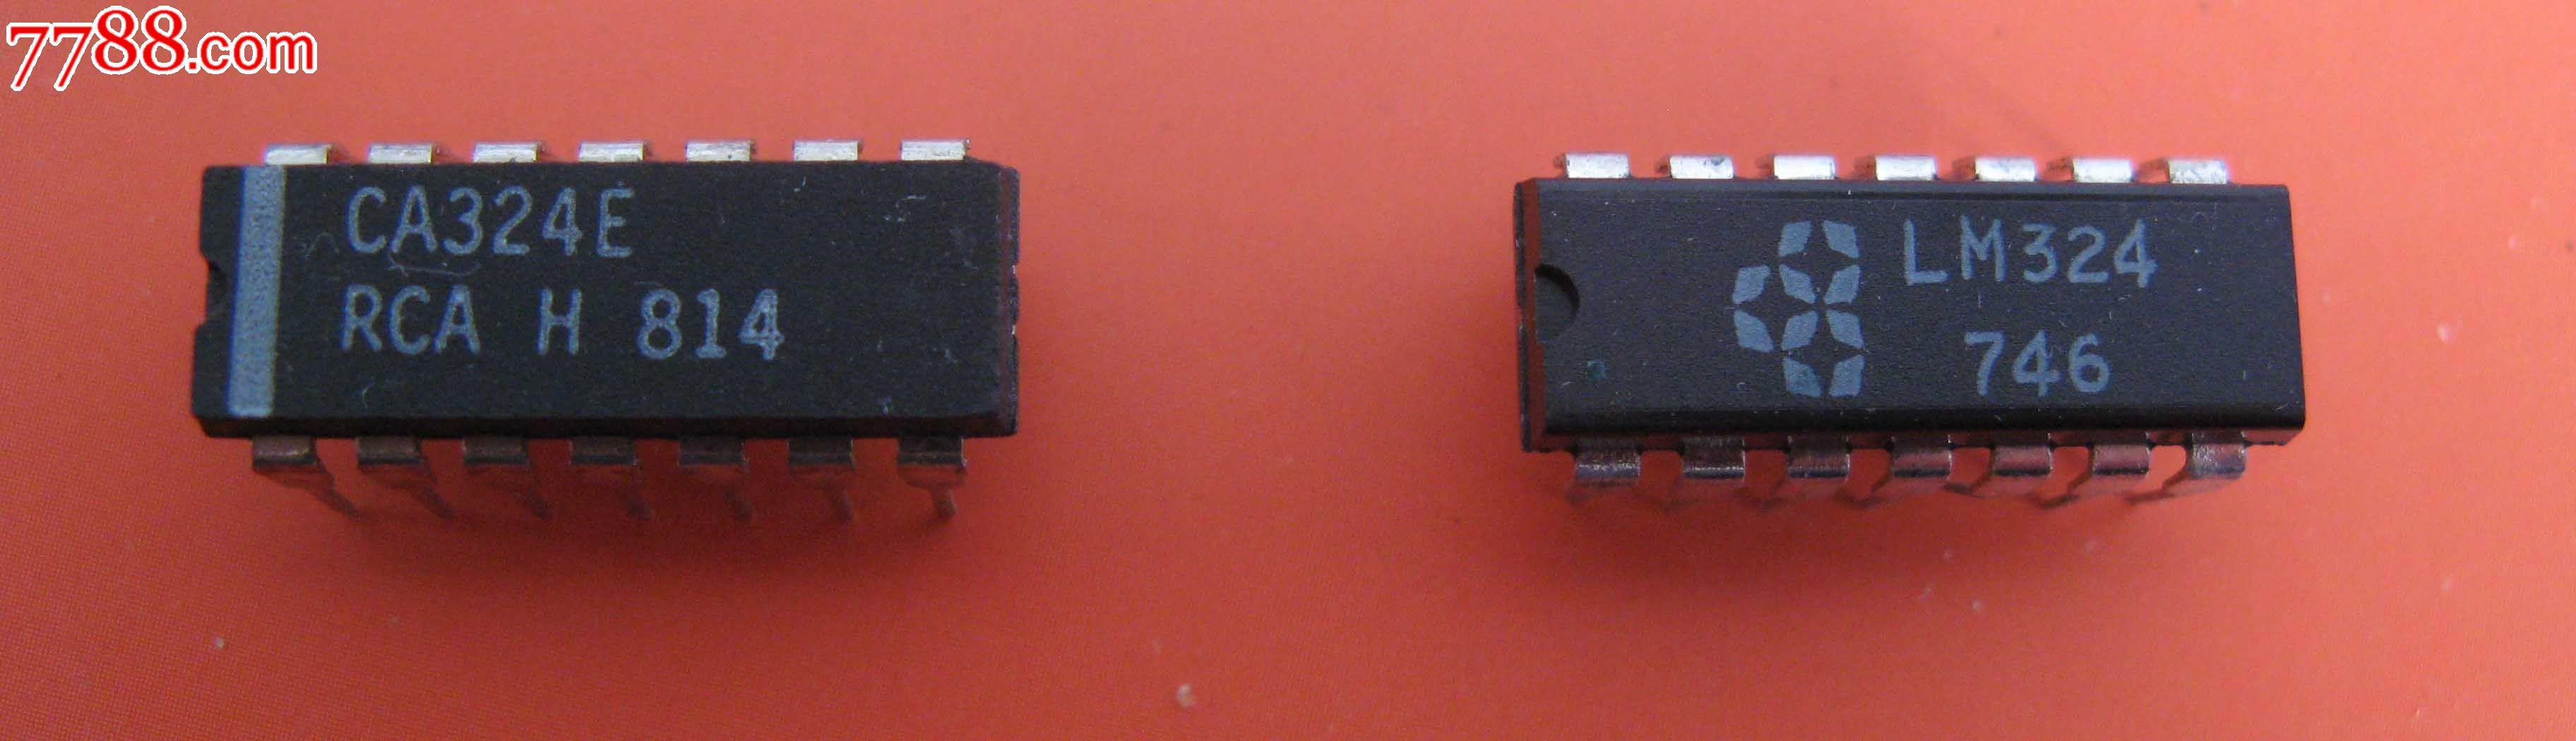 集成电路lm324